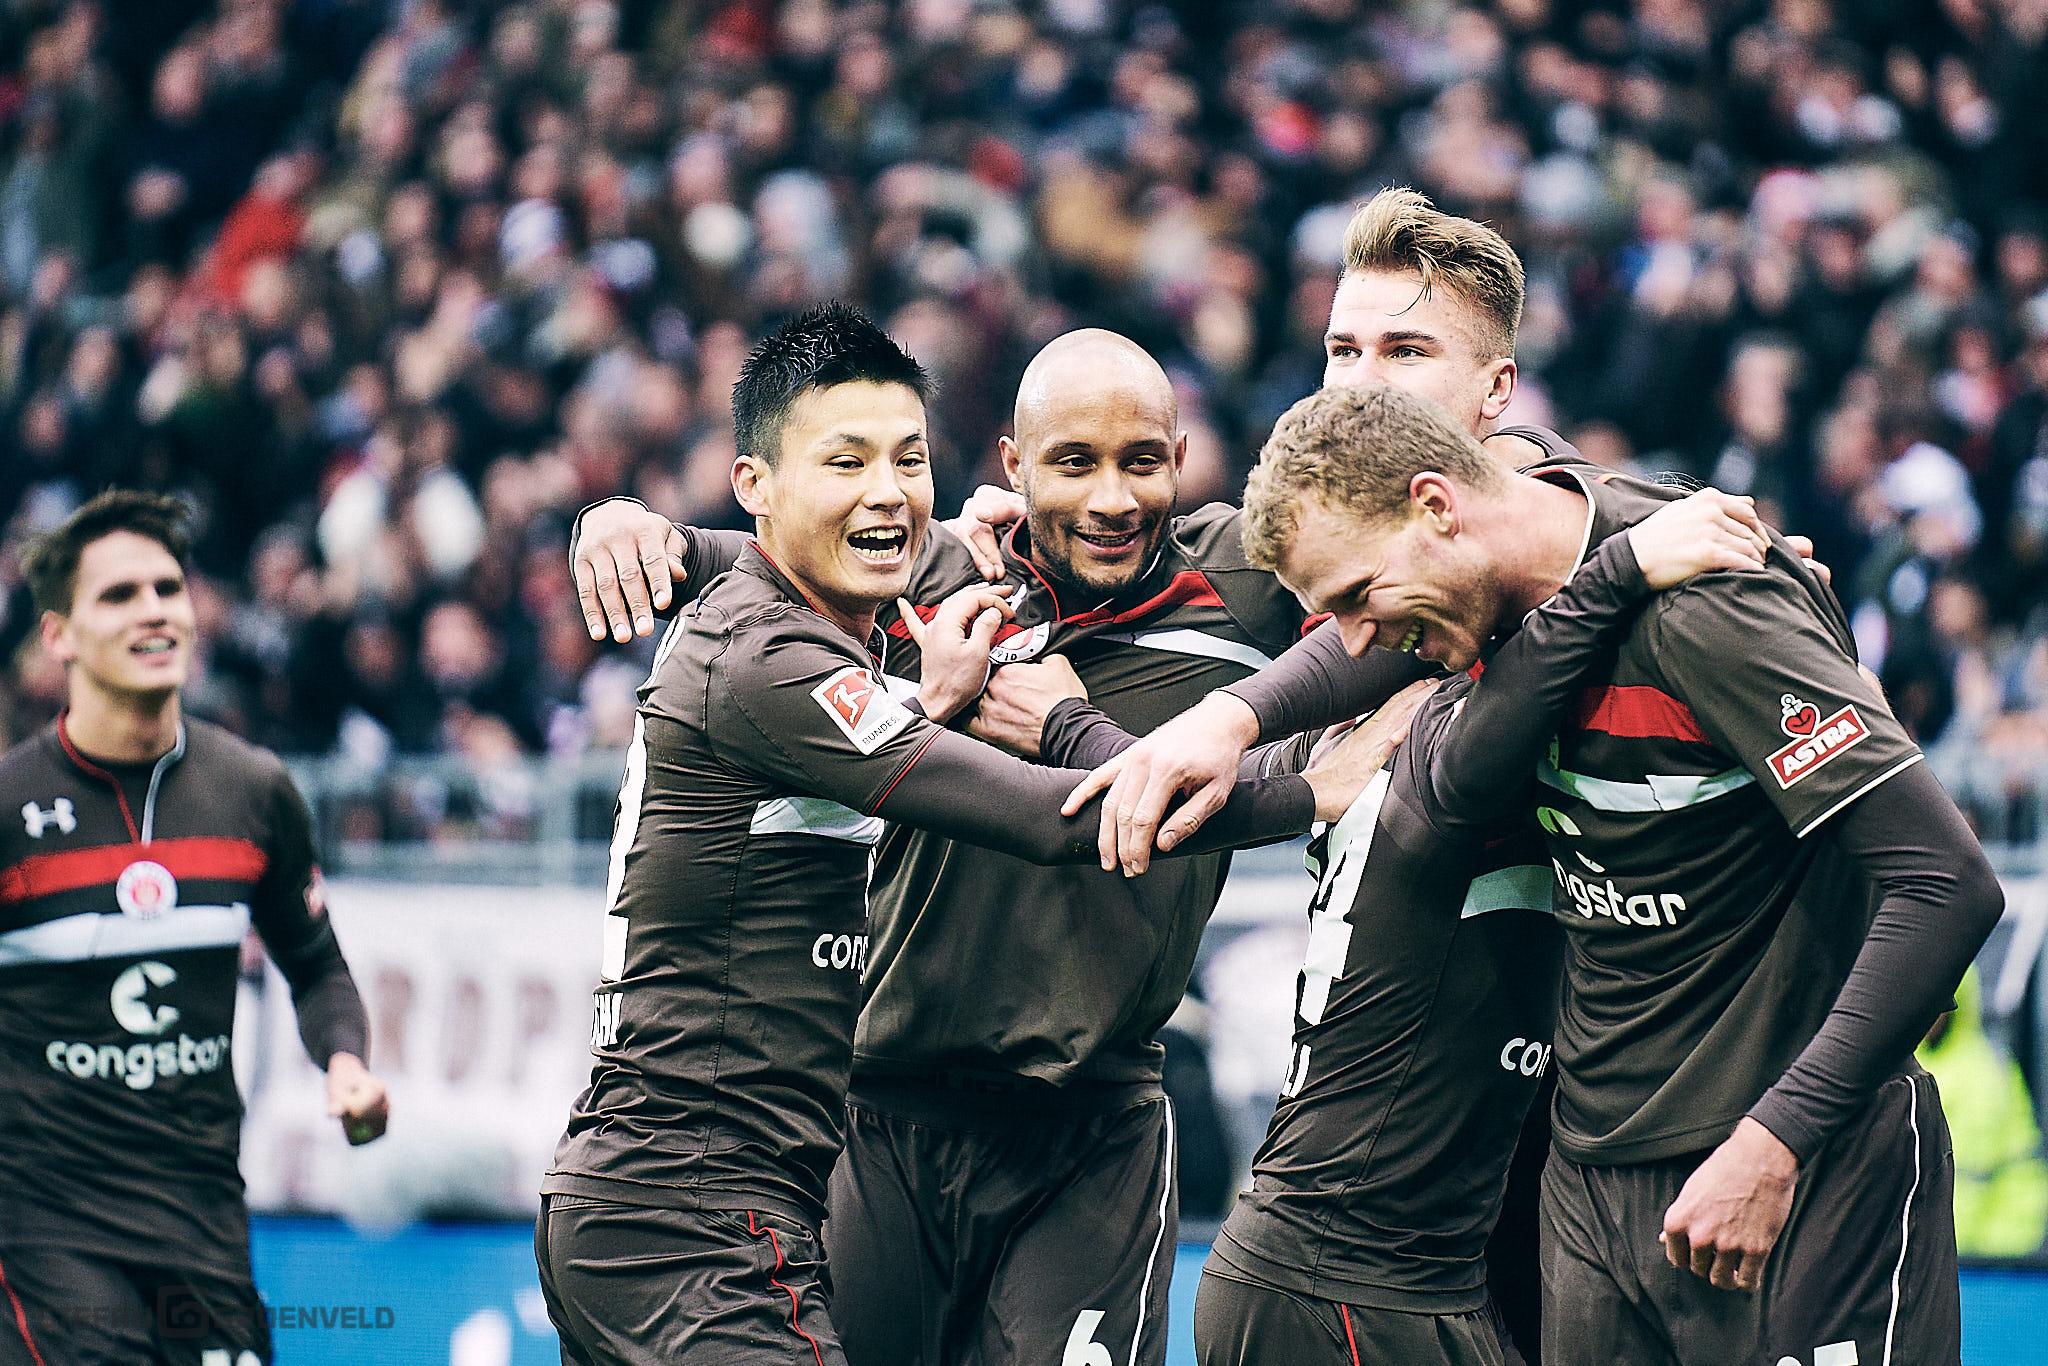 Nach dem Spiel – SpVgg Greuther Fürth (H) – Spieltag 17 – Saison 2018/19